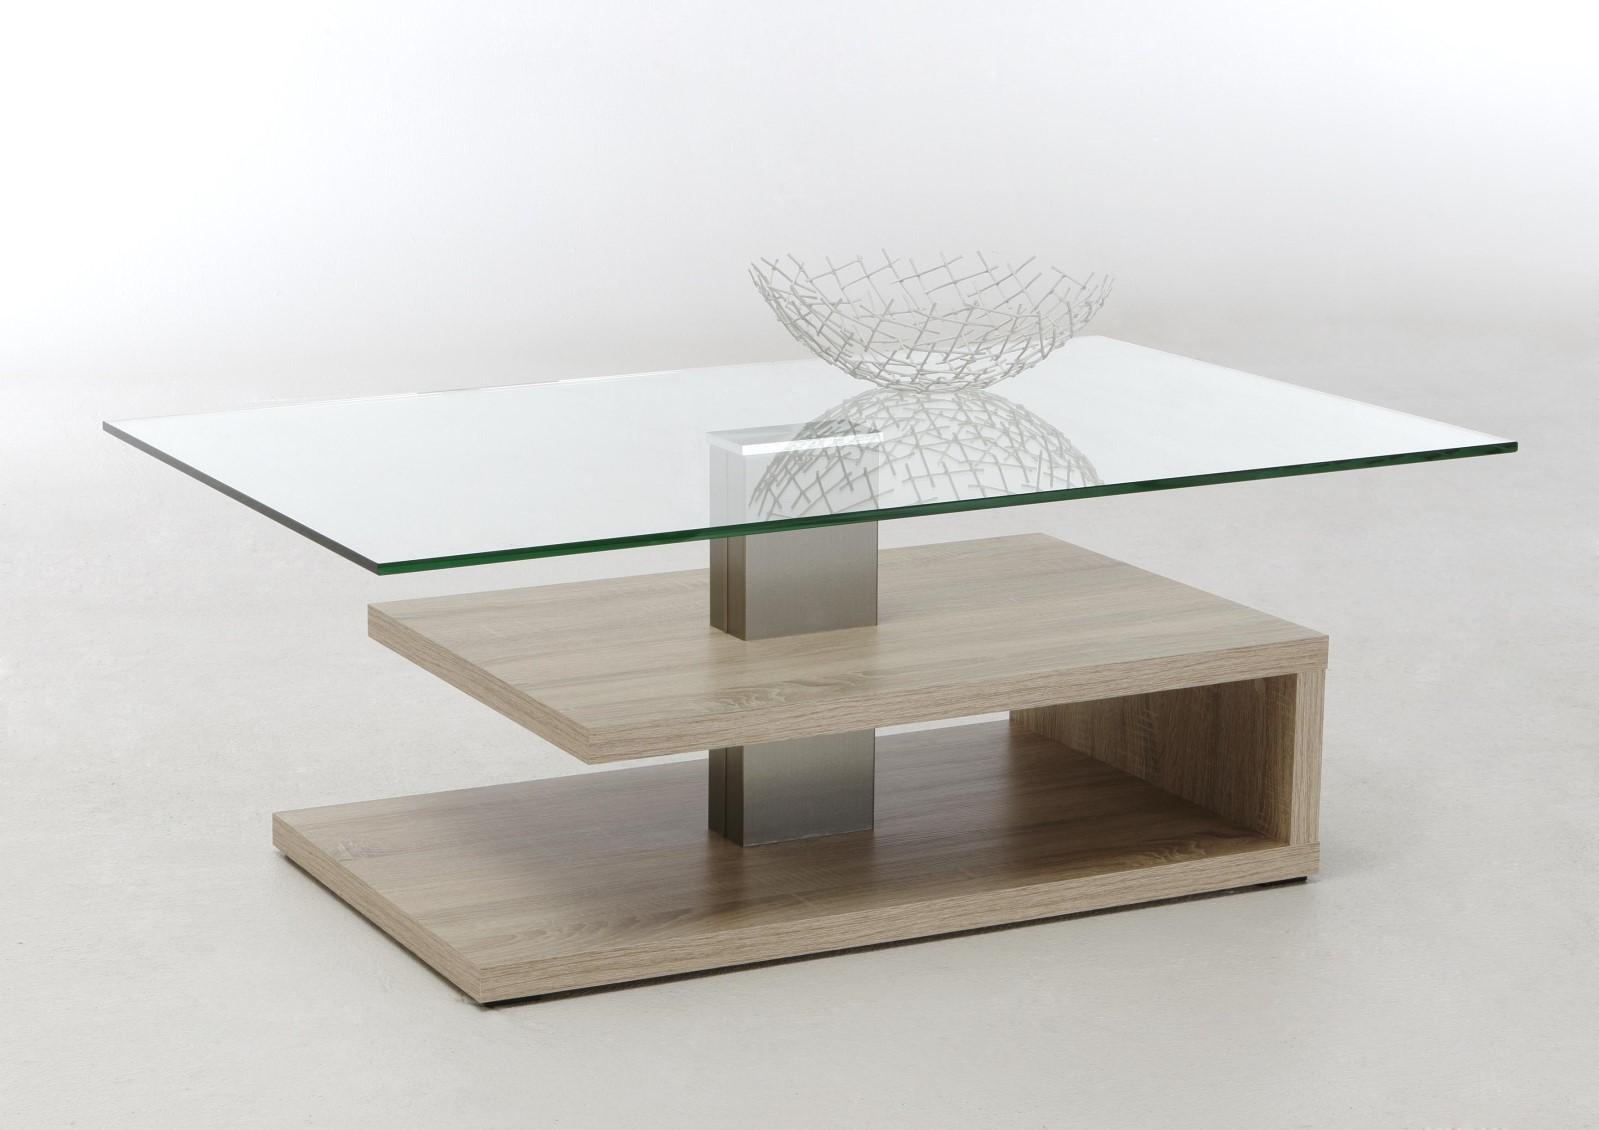 Couchtisch Wohnzimmertisch Beistelltisch - Stenli - 110x70 cm Sonoma Eiche